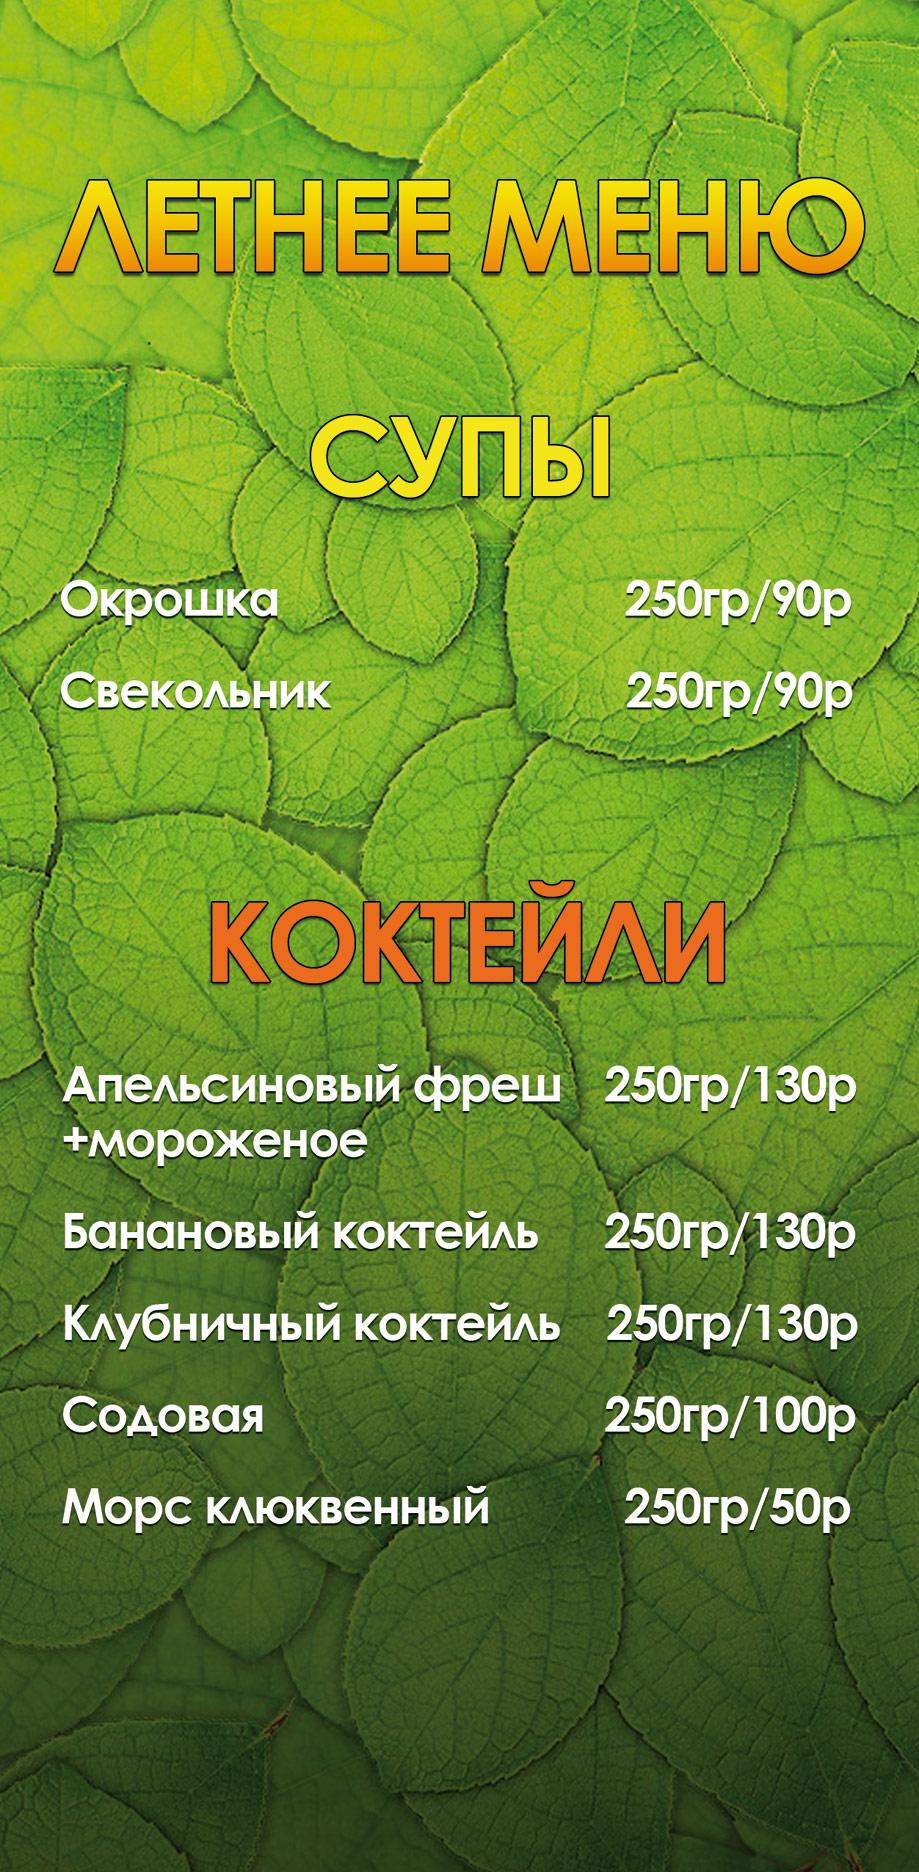 Летнее_меню